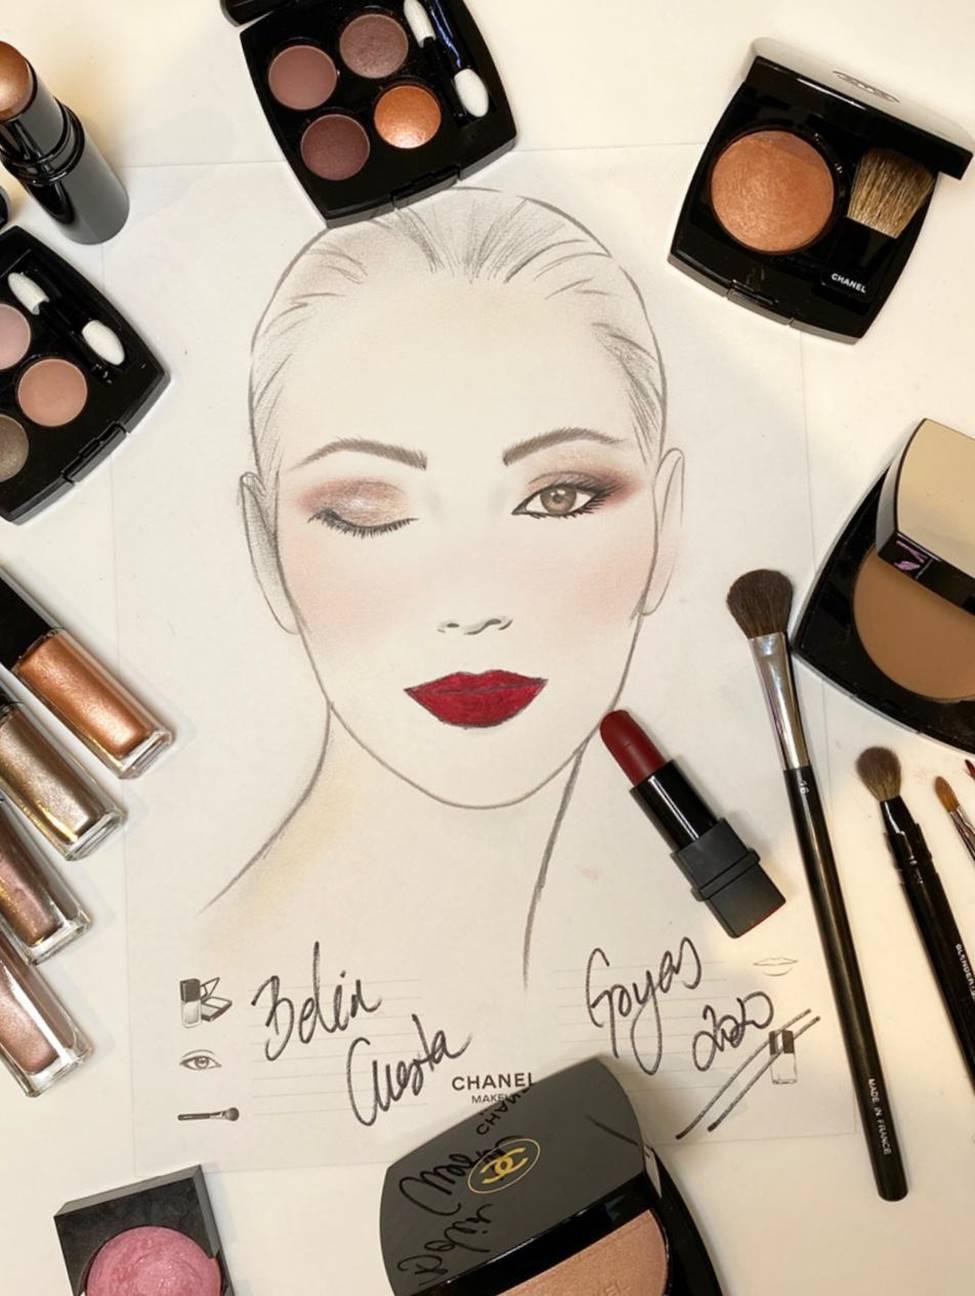 Así ha sido el maquillaje de Chanel para Belén Cuesta en los Goya 2020